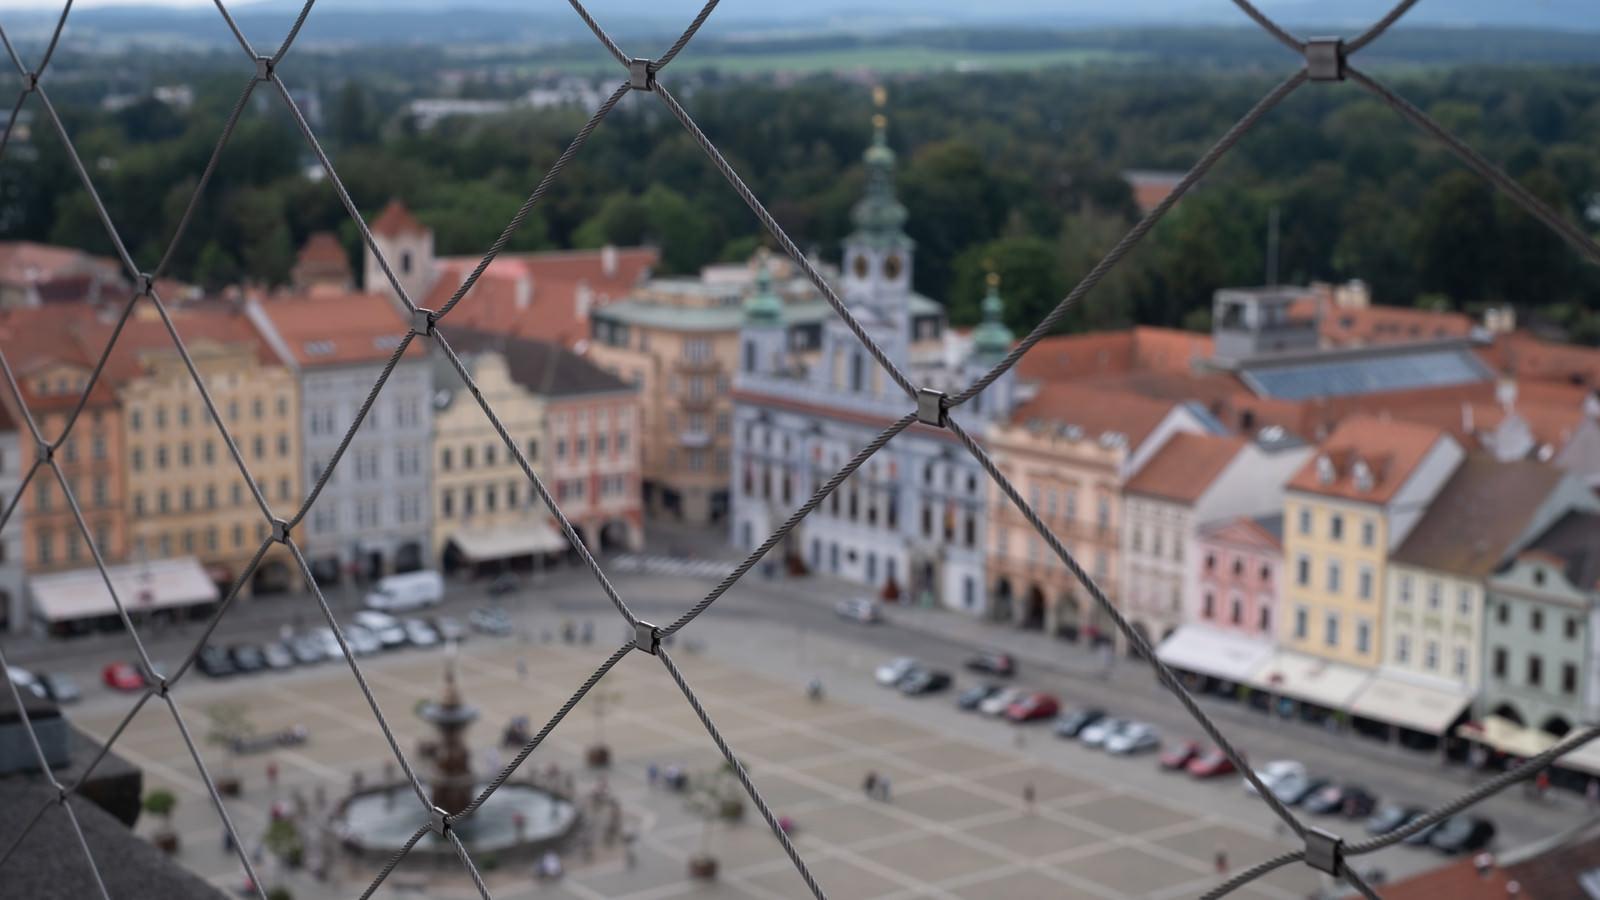 「金網とチェスケーブジェヨヴィツェの街並み(ブドヴァル)」の写真